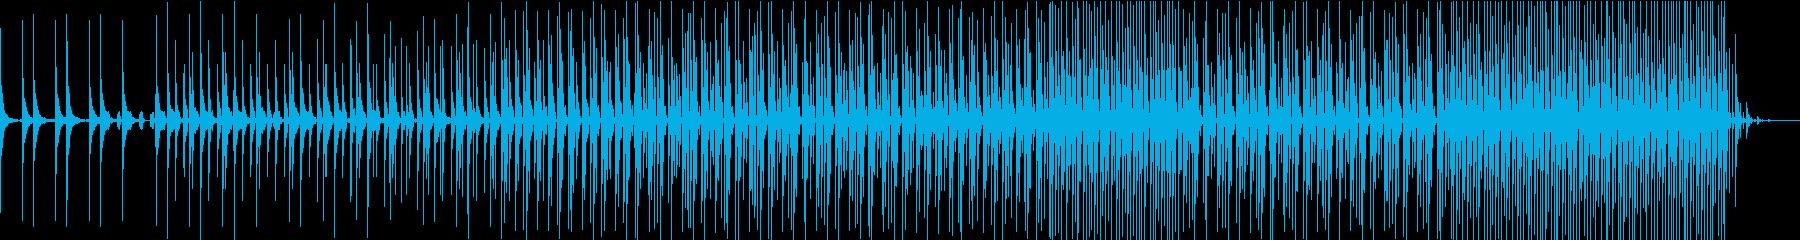 3拍子の中華風テクノ「亡霊のダンス」の再生済みの波形